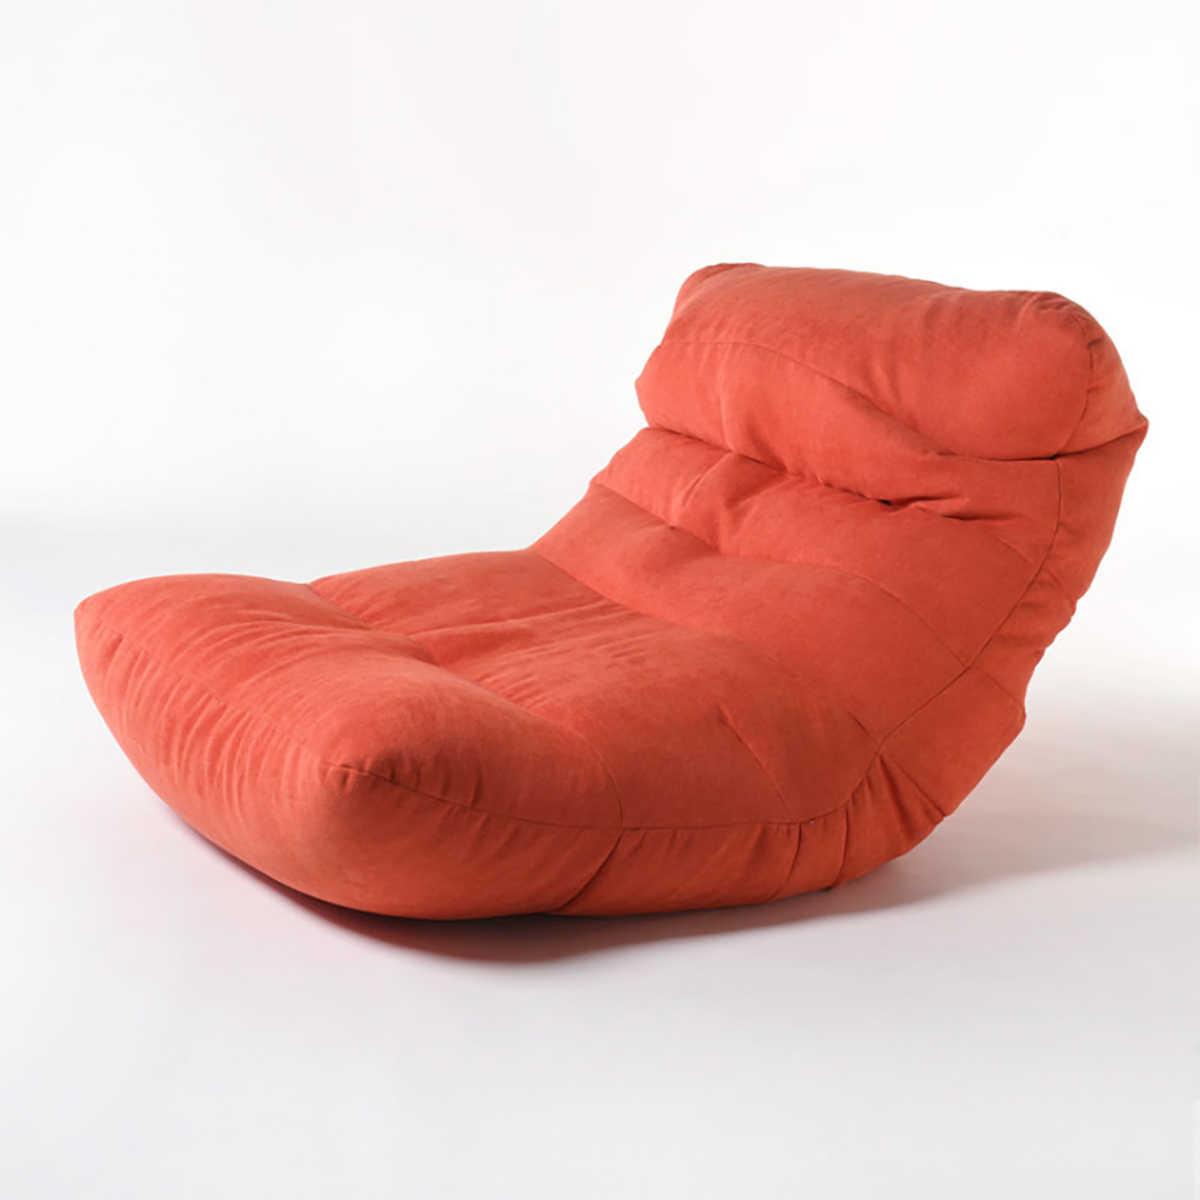 Keine Füllung Sitzsack Sofa Abdeckung Stühle Faul Bett Sitzsack Sofas Baumwolle Tuch Liege Sitz Hocker Puff Couch Tatami Hause zimmer Gelb